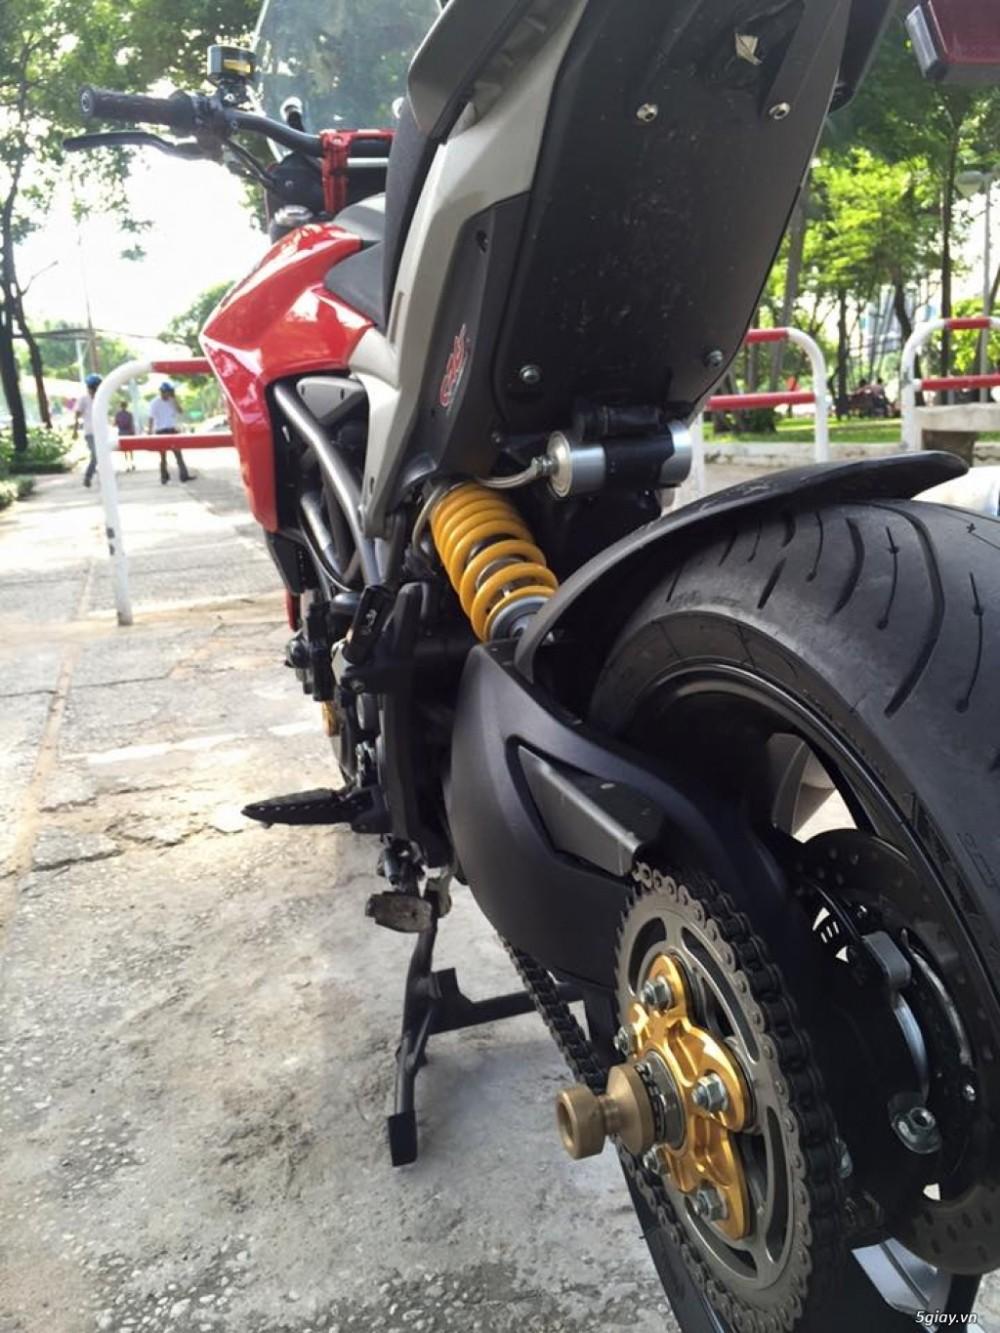 Ban Ducati Hyperstrada 821 Date 2014 xe zin 16k3 USD con TL - 6